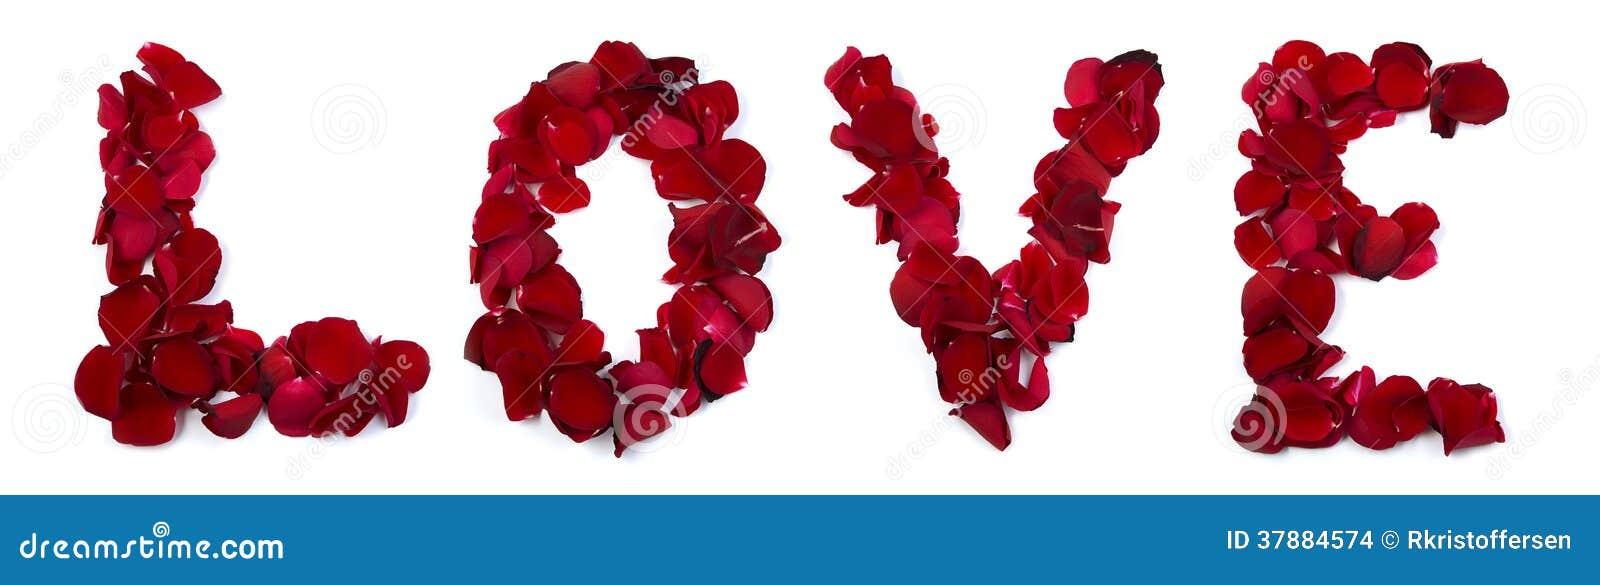 Liefde die met roze bloemblaadjes wordt geschreven